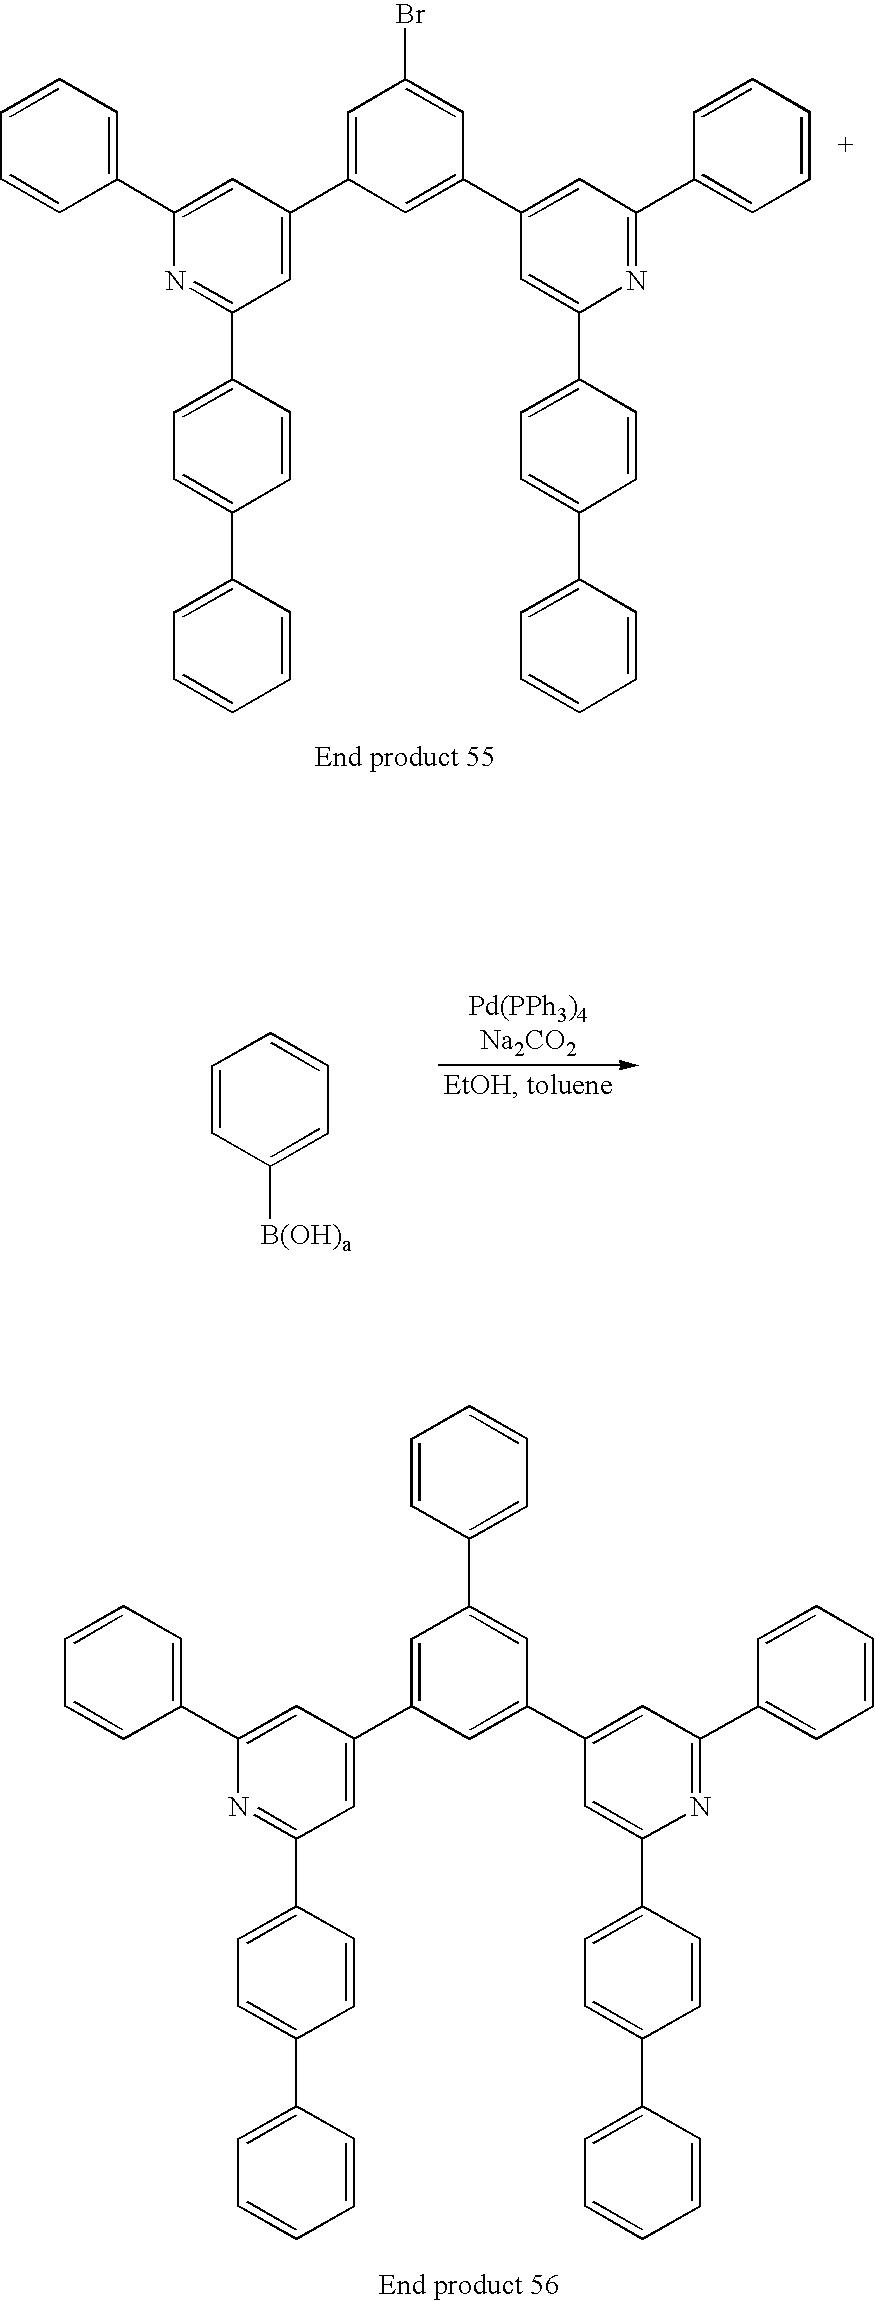 Figure US20060186796A1-20060824-C00170